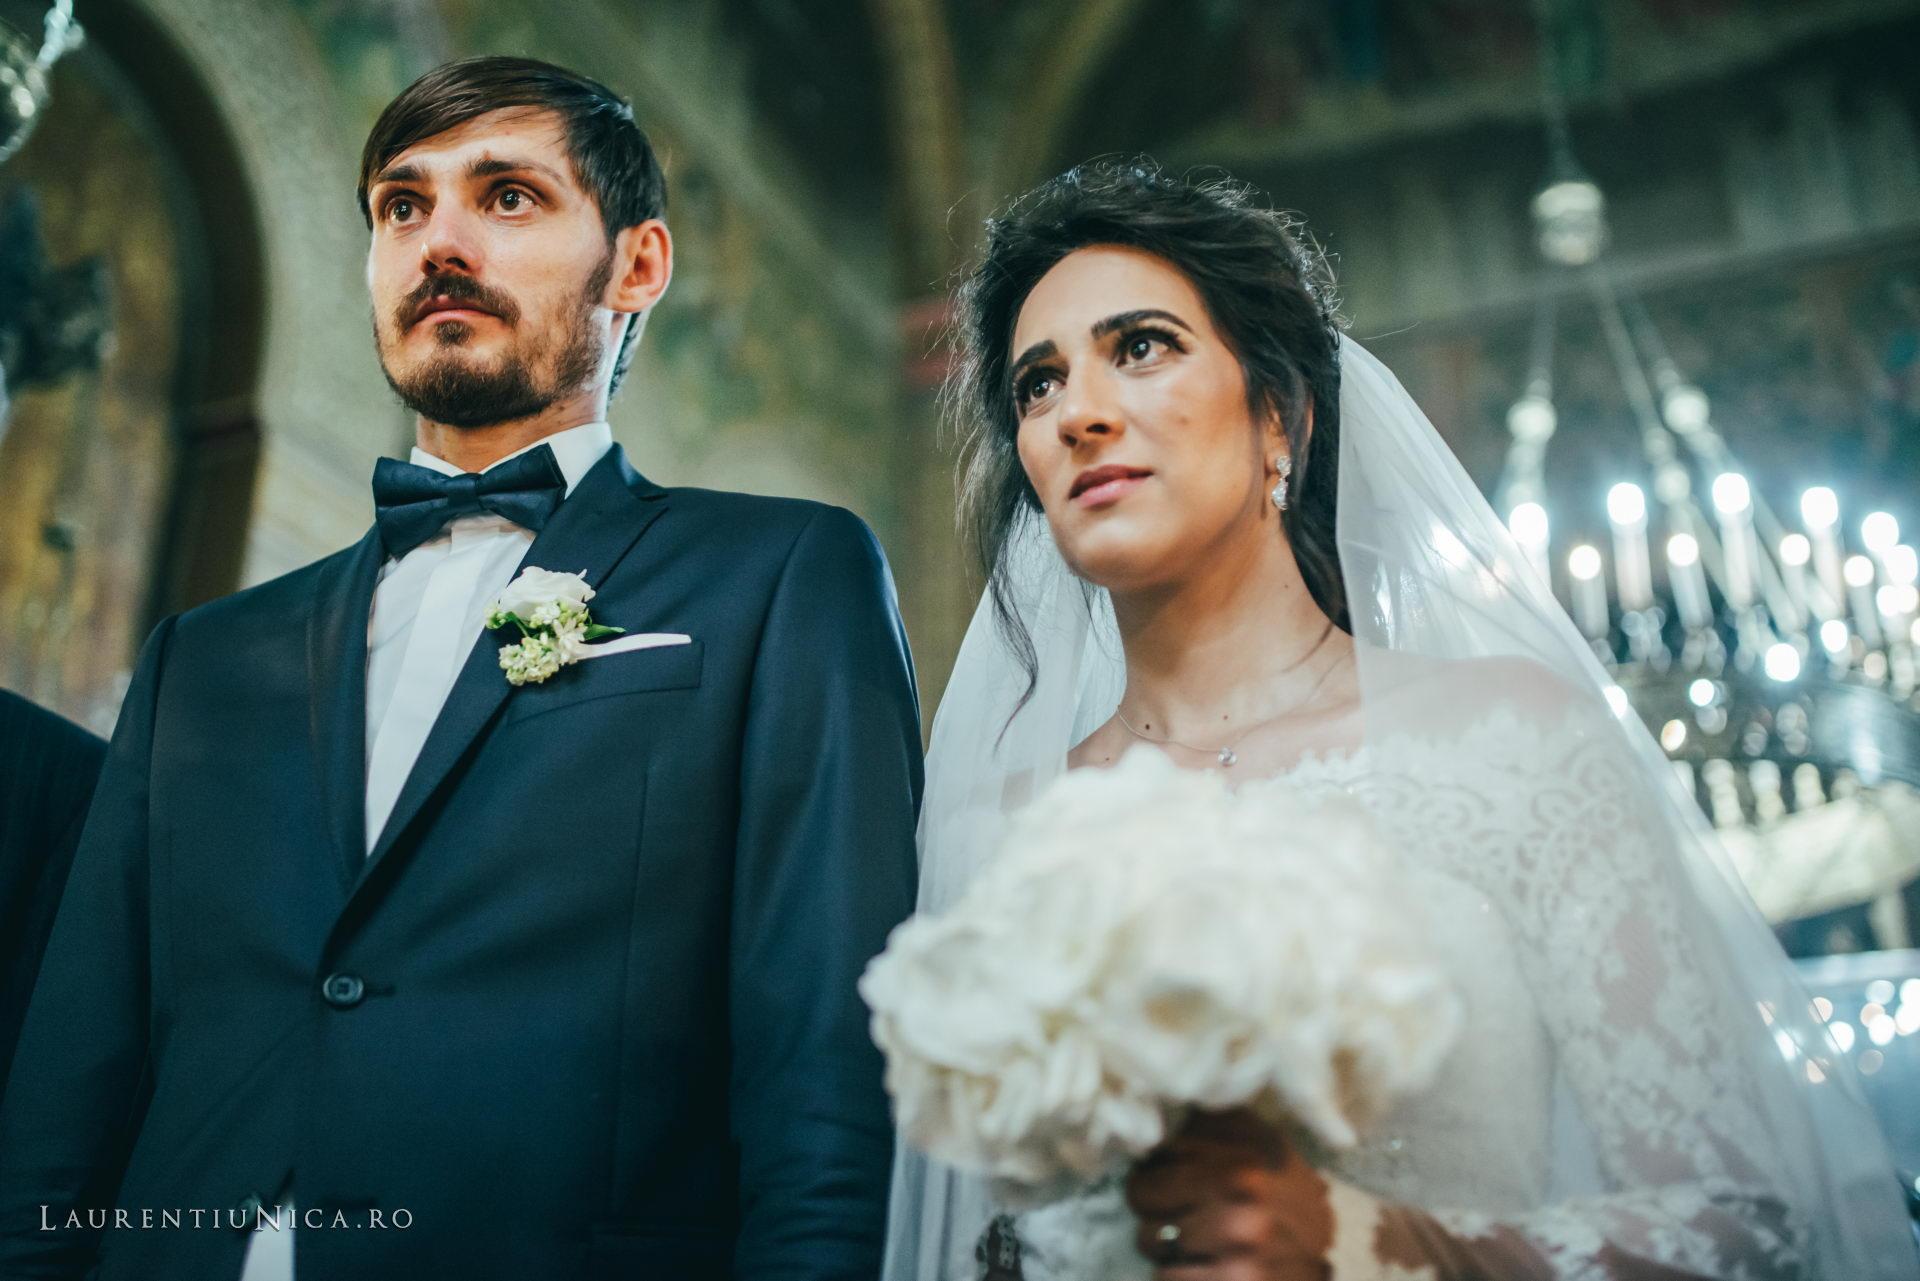 Cristina si Ovidiu nunta Craiova fotograf laurentiu nica 090 - Cristina & Ovidiu | Fotografii nunta | Craiova